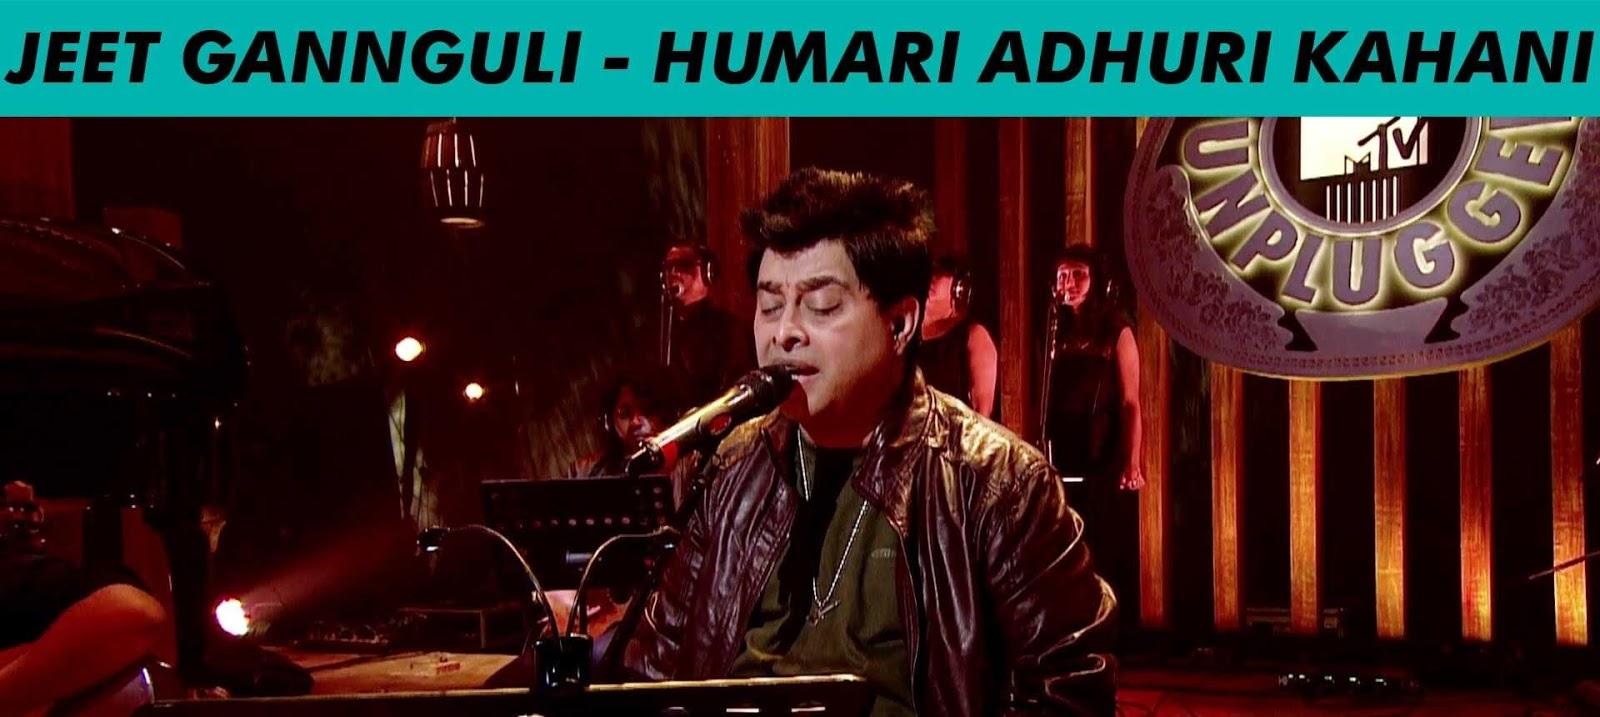 Humari Adhuri Kahani Jeet Gannguli Mtv Unplugged Thedeepak